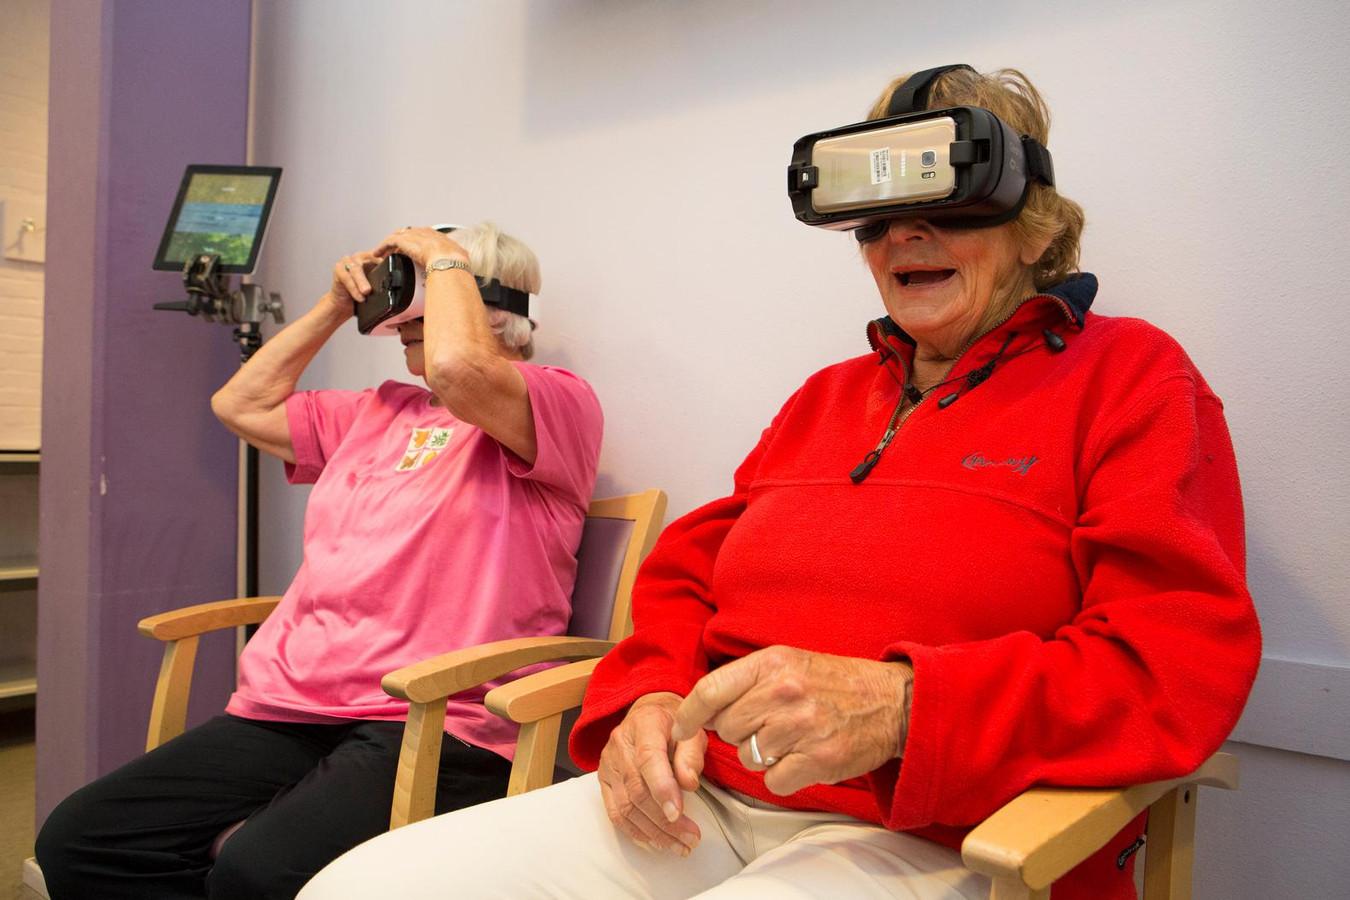 Twee dames praten honderduit over hun virtuele belevenissen.